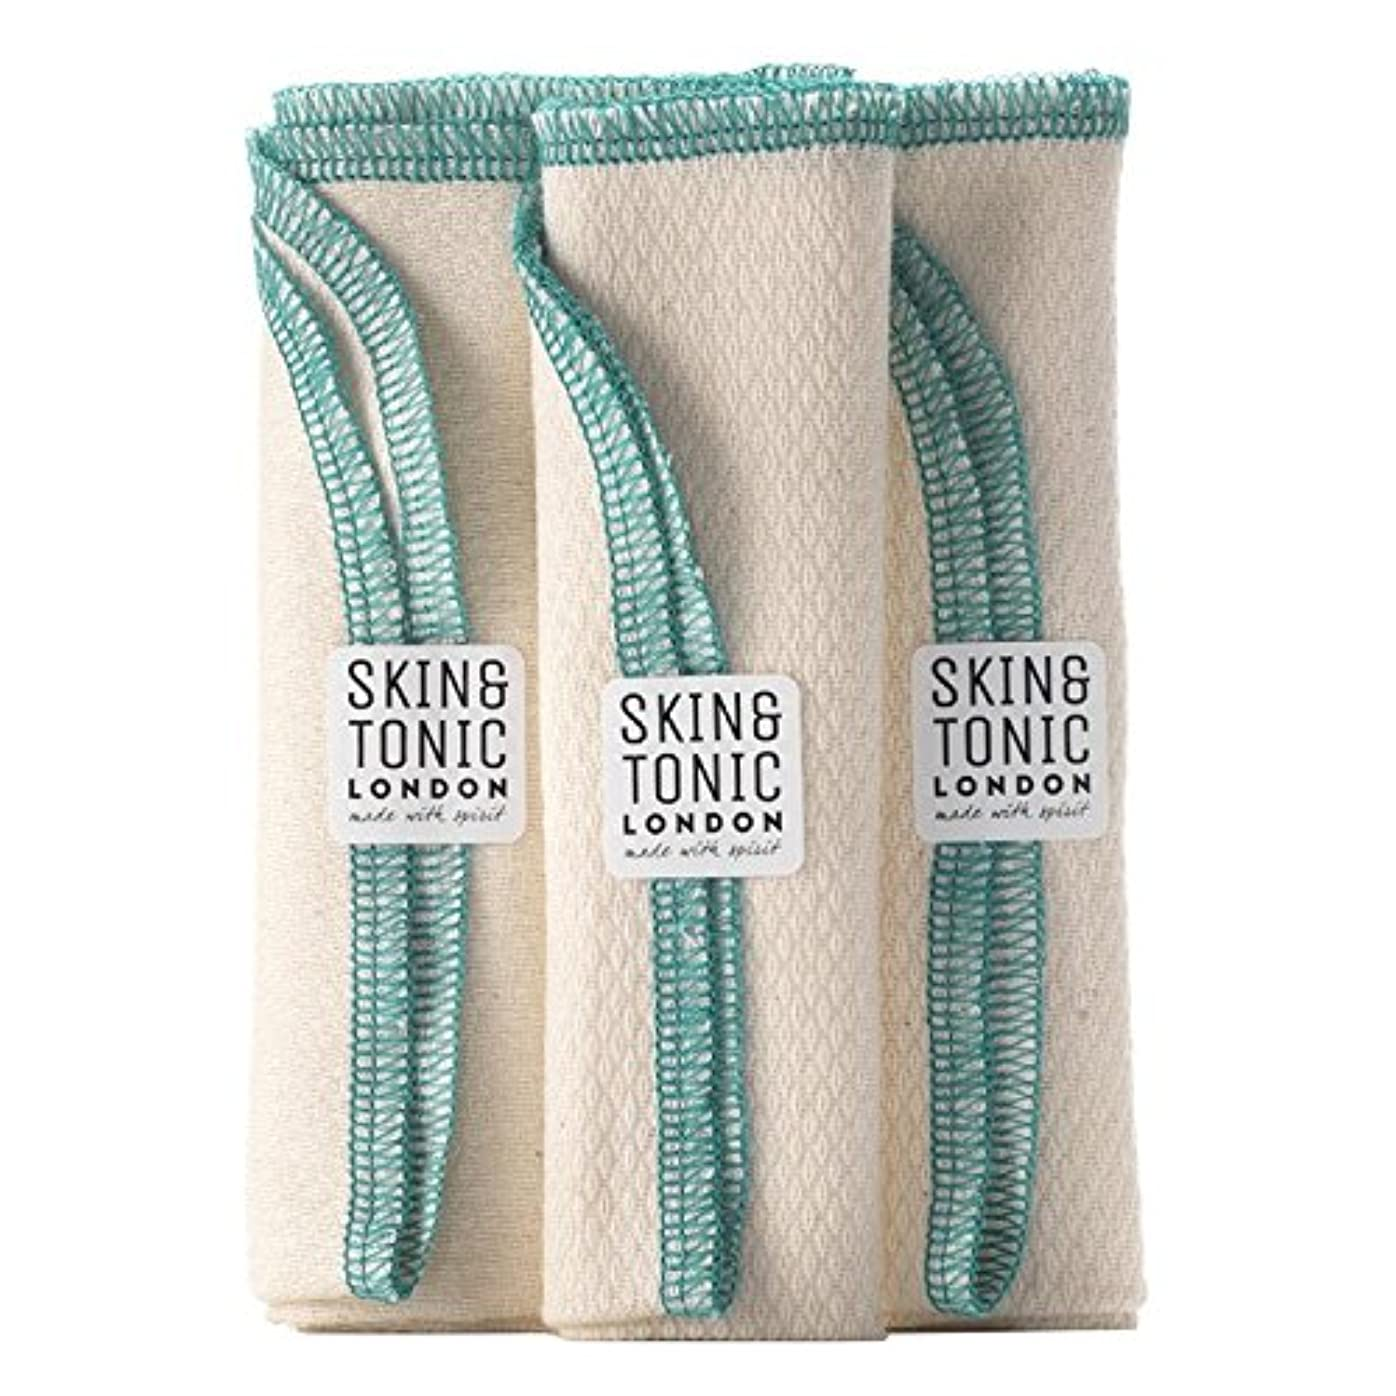 キャッチ立派な連鎖スキン&トニックロンドンオーガニックコットン生地 x4 - Skin & Tonic London Organic Cotton Cloth (Pack of 4) [並行輸入品]